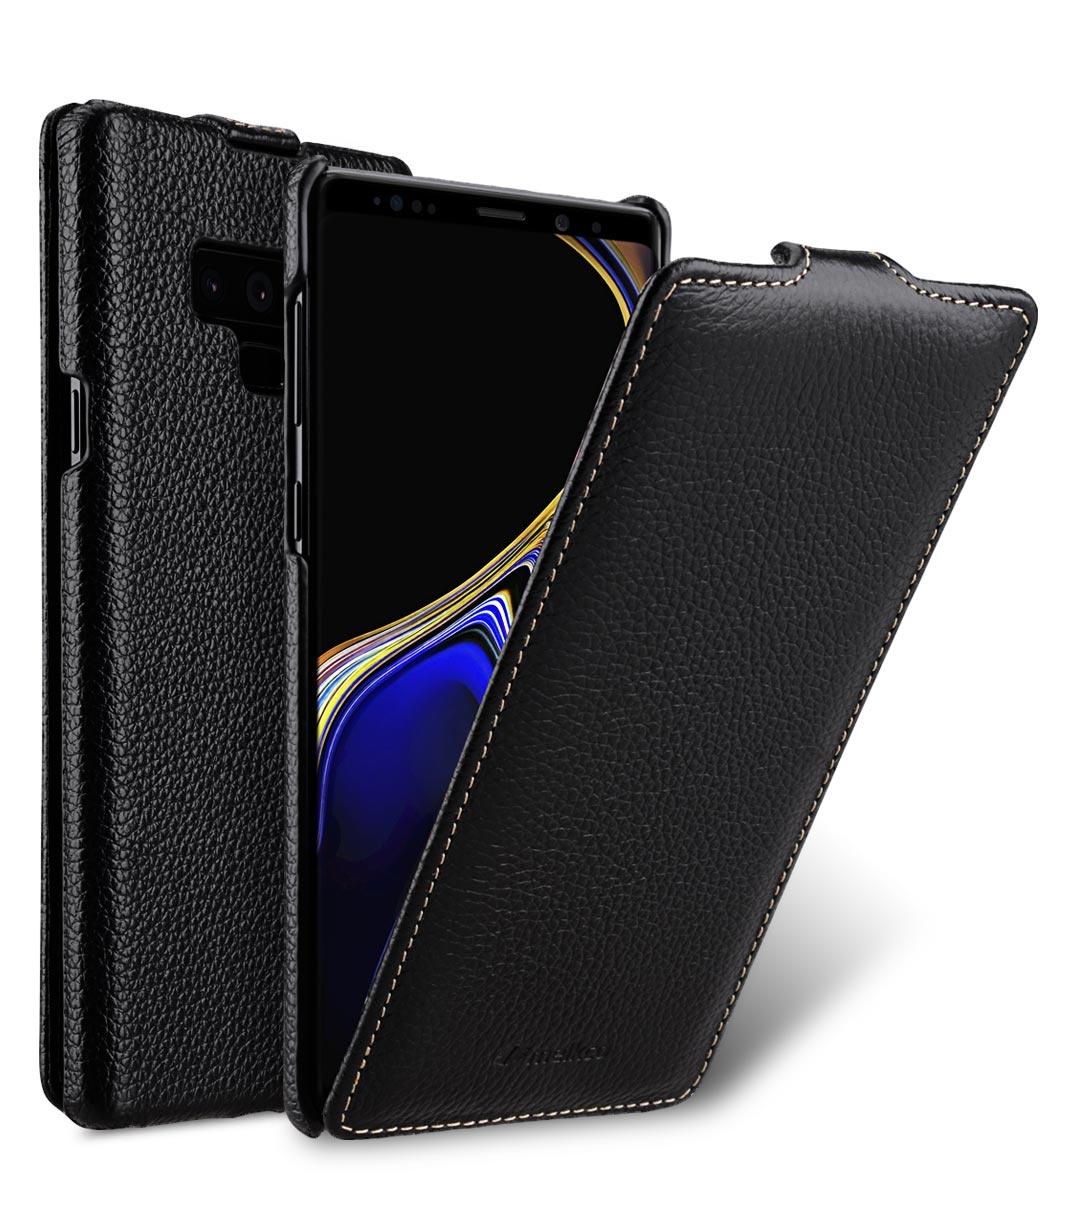 Чехол для сотового телефона Melkco Кожаный чехол флип для Samsung Galaxy Note 9 - Jacka Type, черный